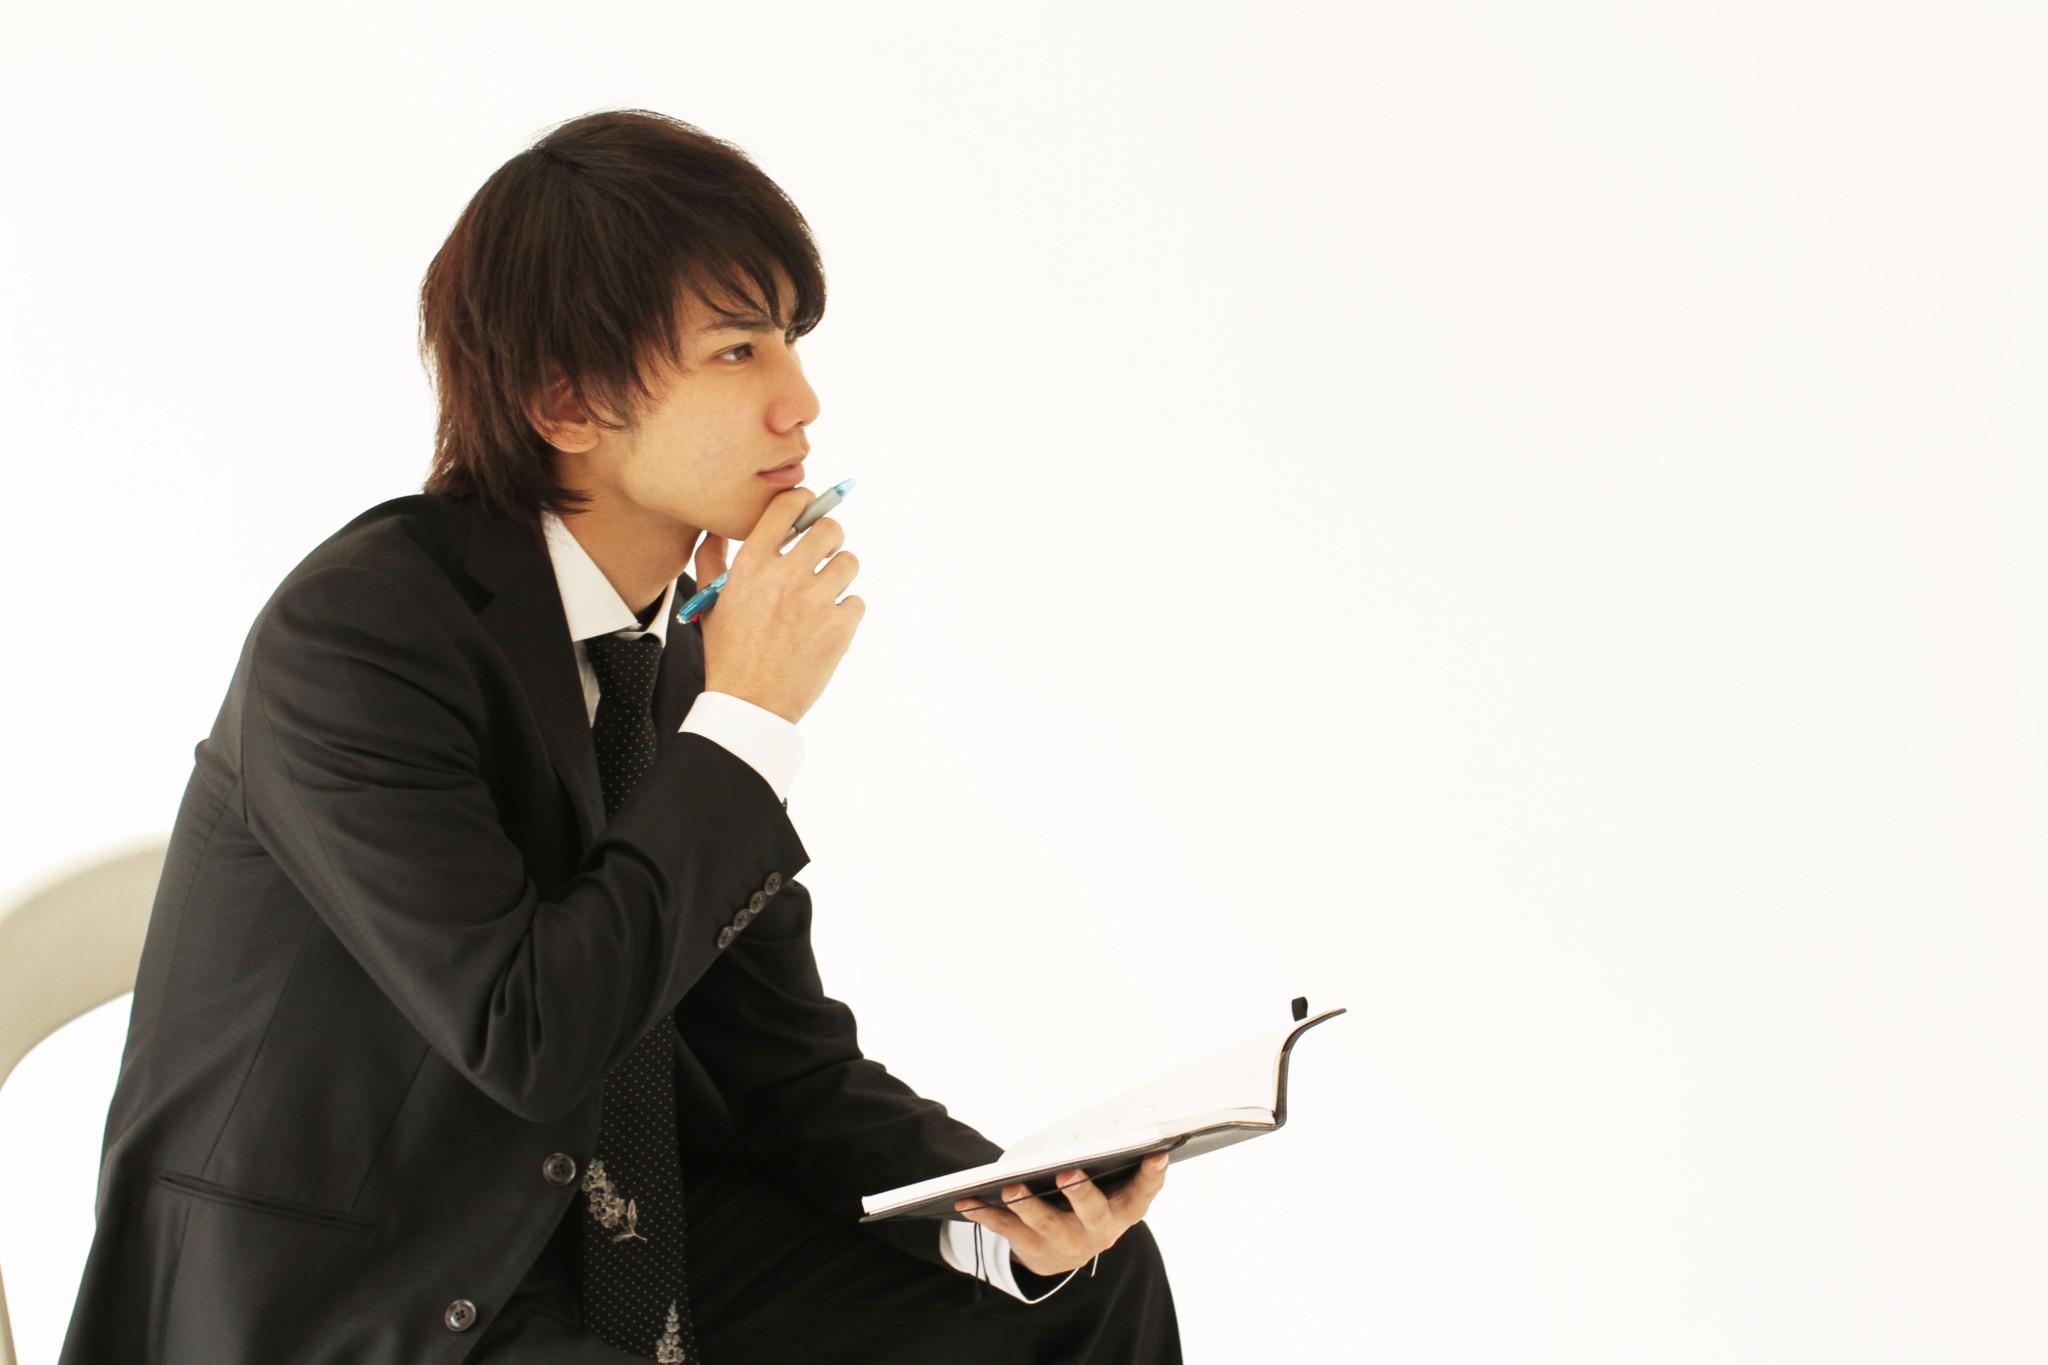 丸山塾の勉強会に参加してきたので、忘れないうちにまとめておきます^^;